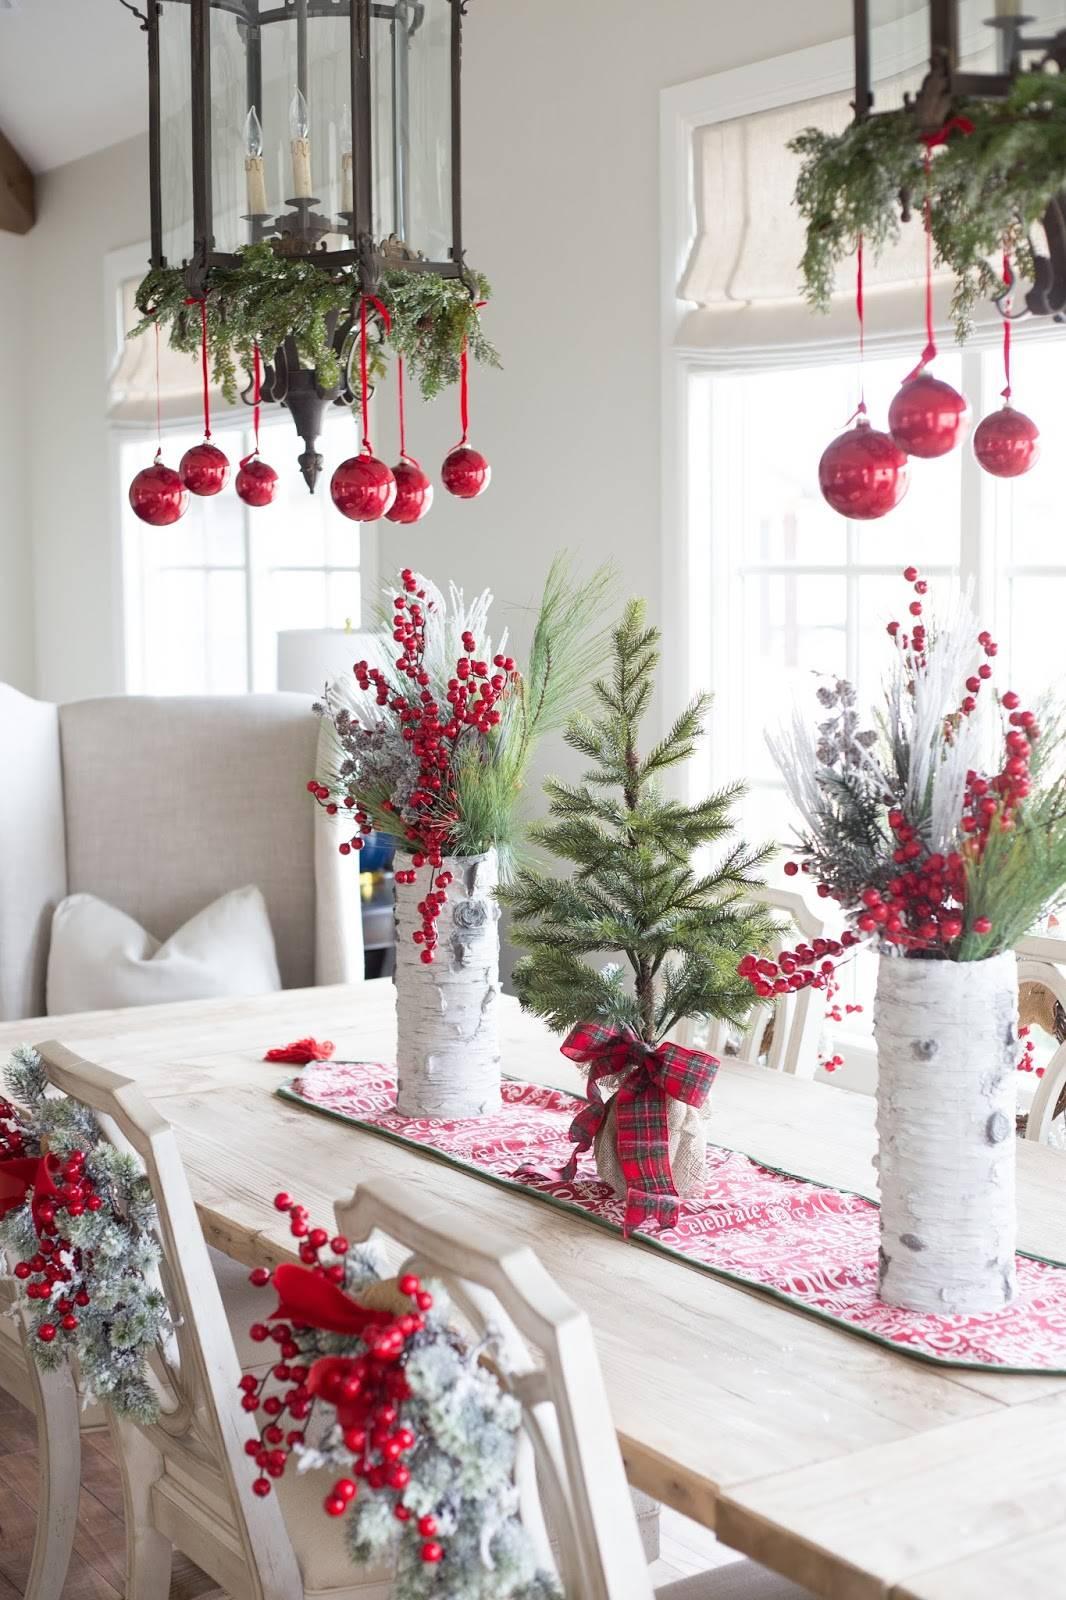 Как украсить новогодний стол своими руками - идеи и советы с фото